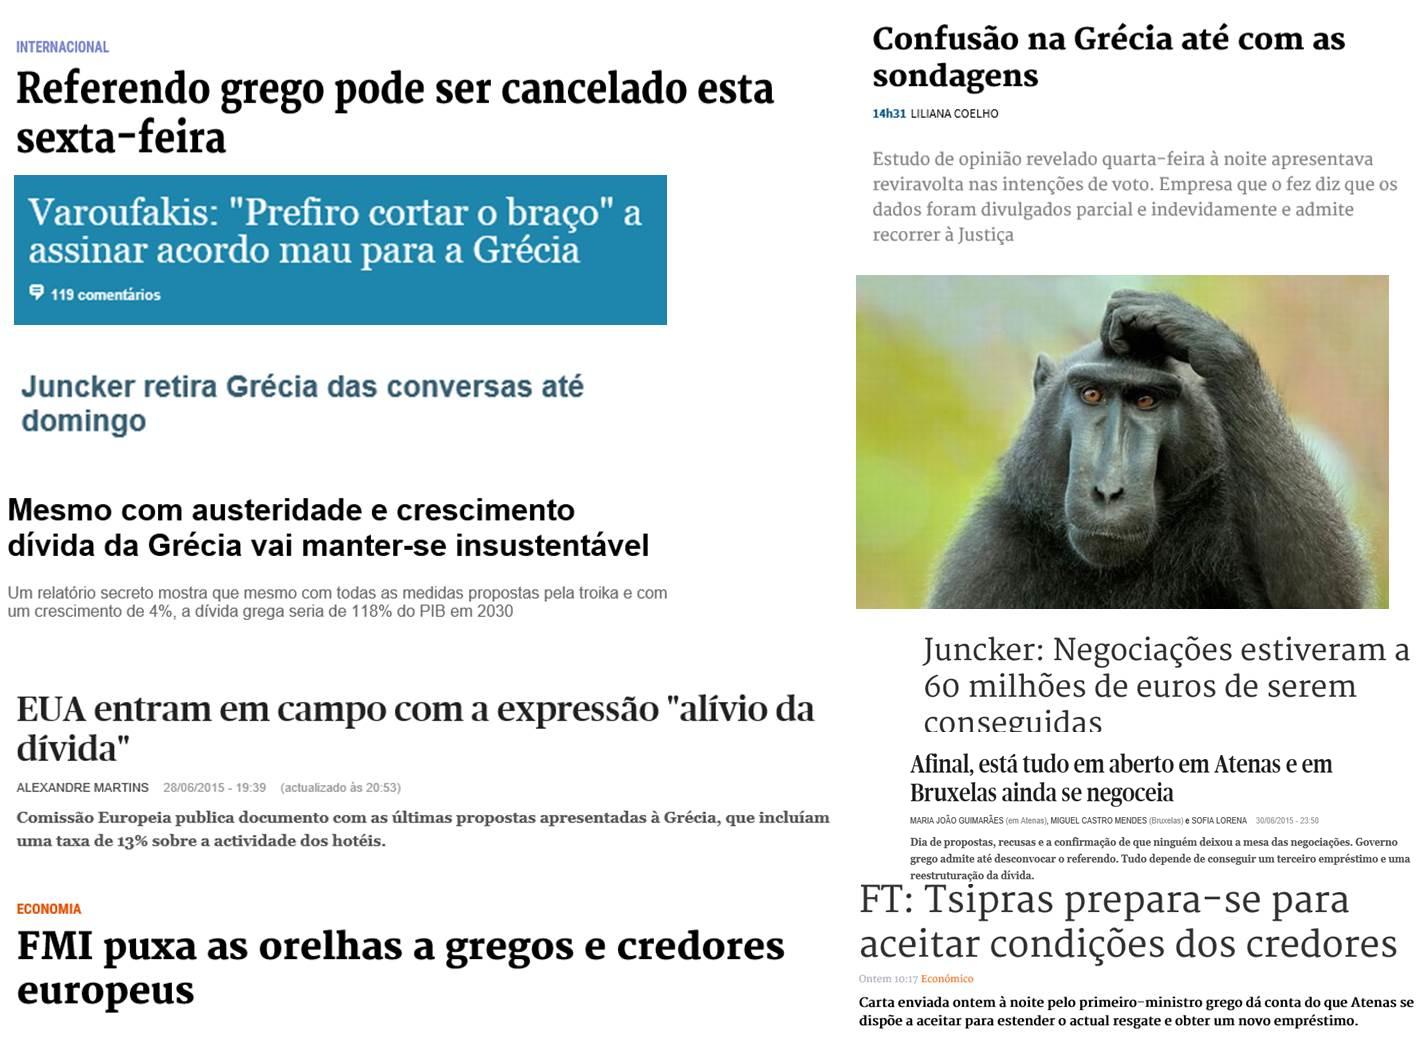 crise grega 1.jpg.png